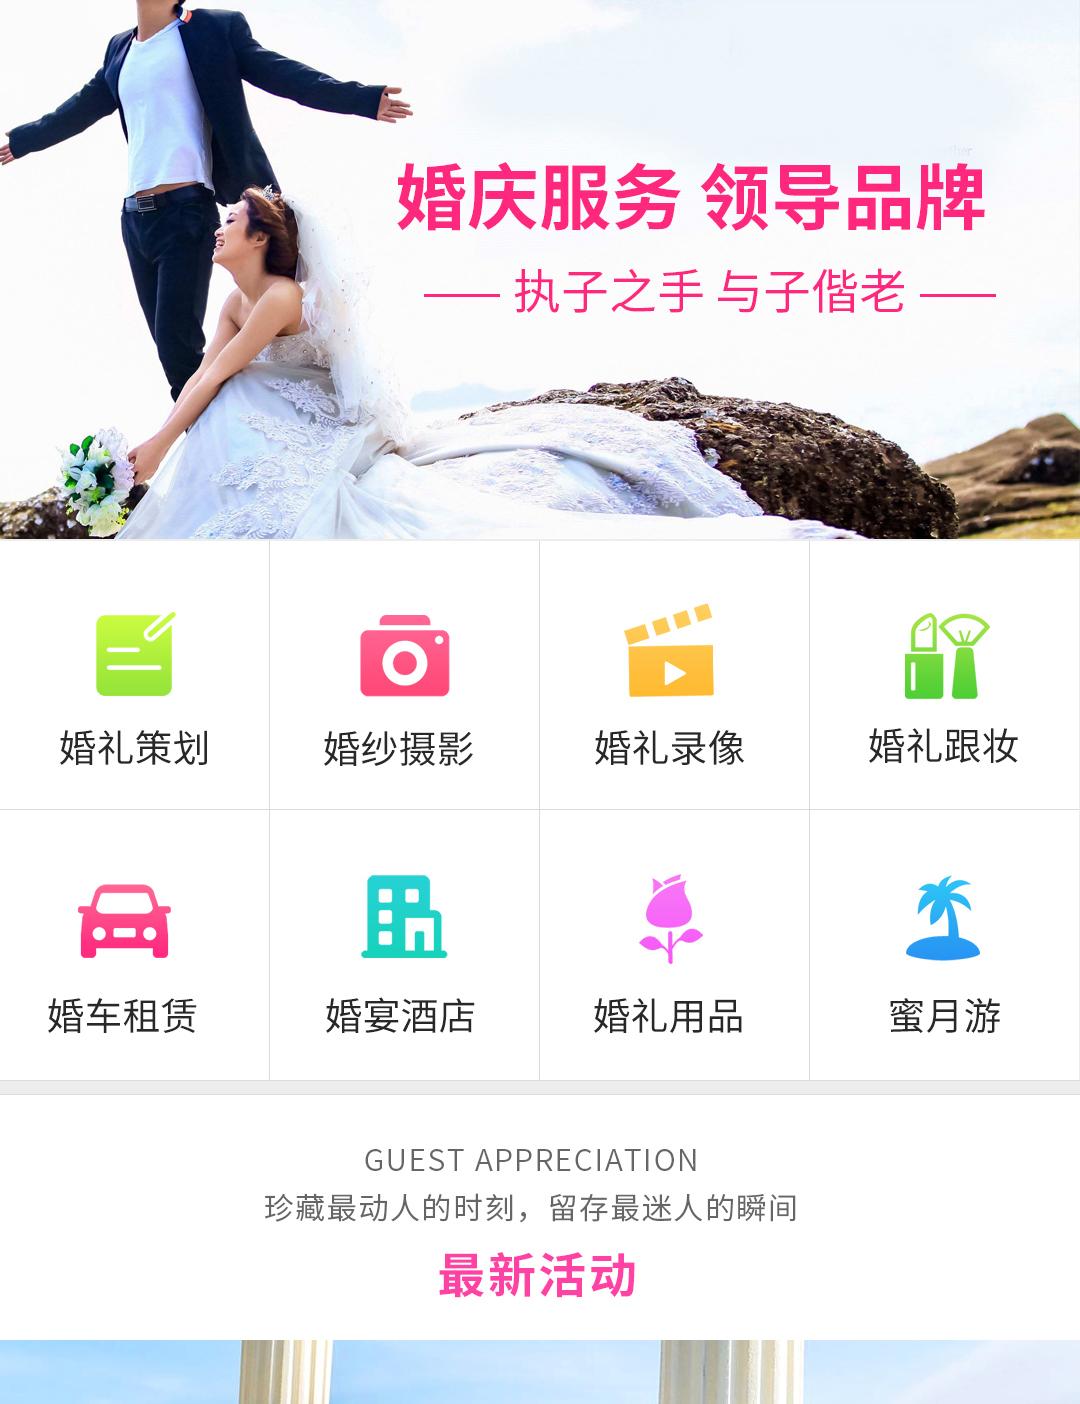 攝影婚慶小程序|婚慶小程序|攝影小程序